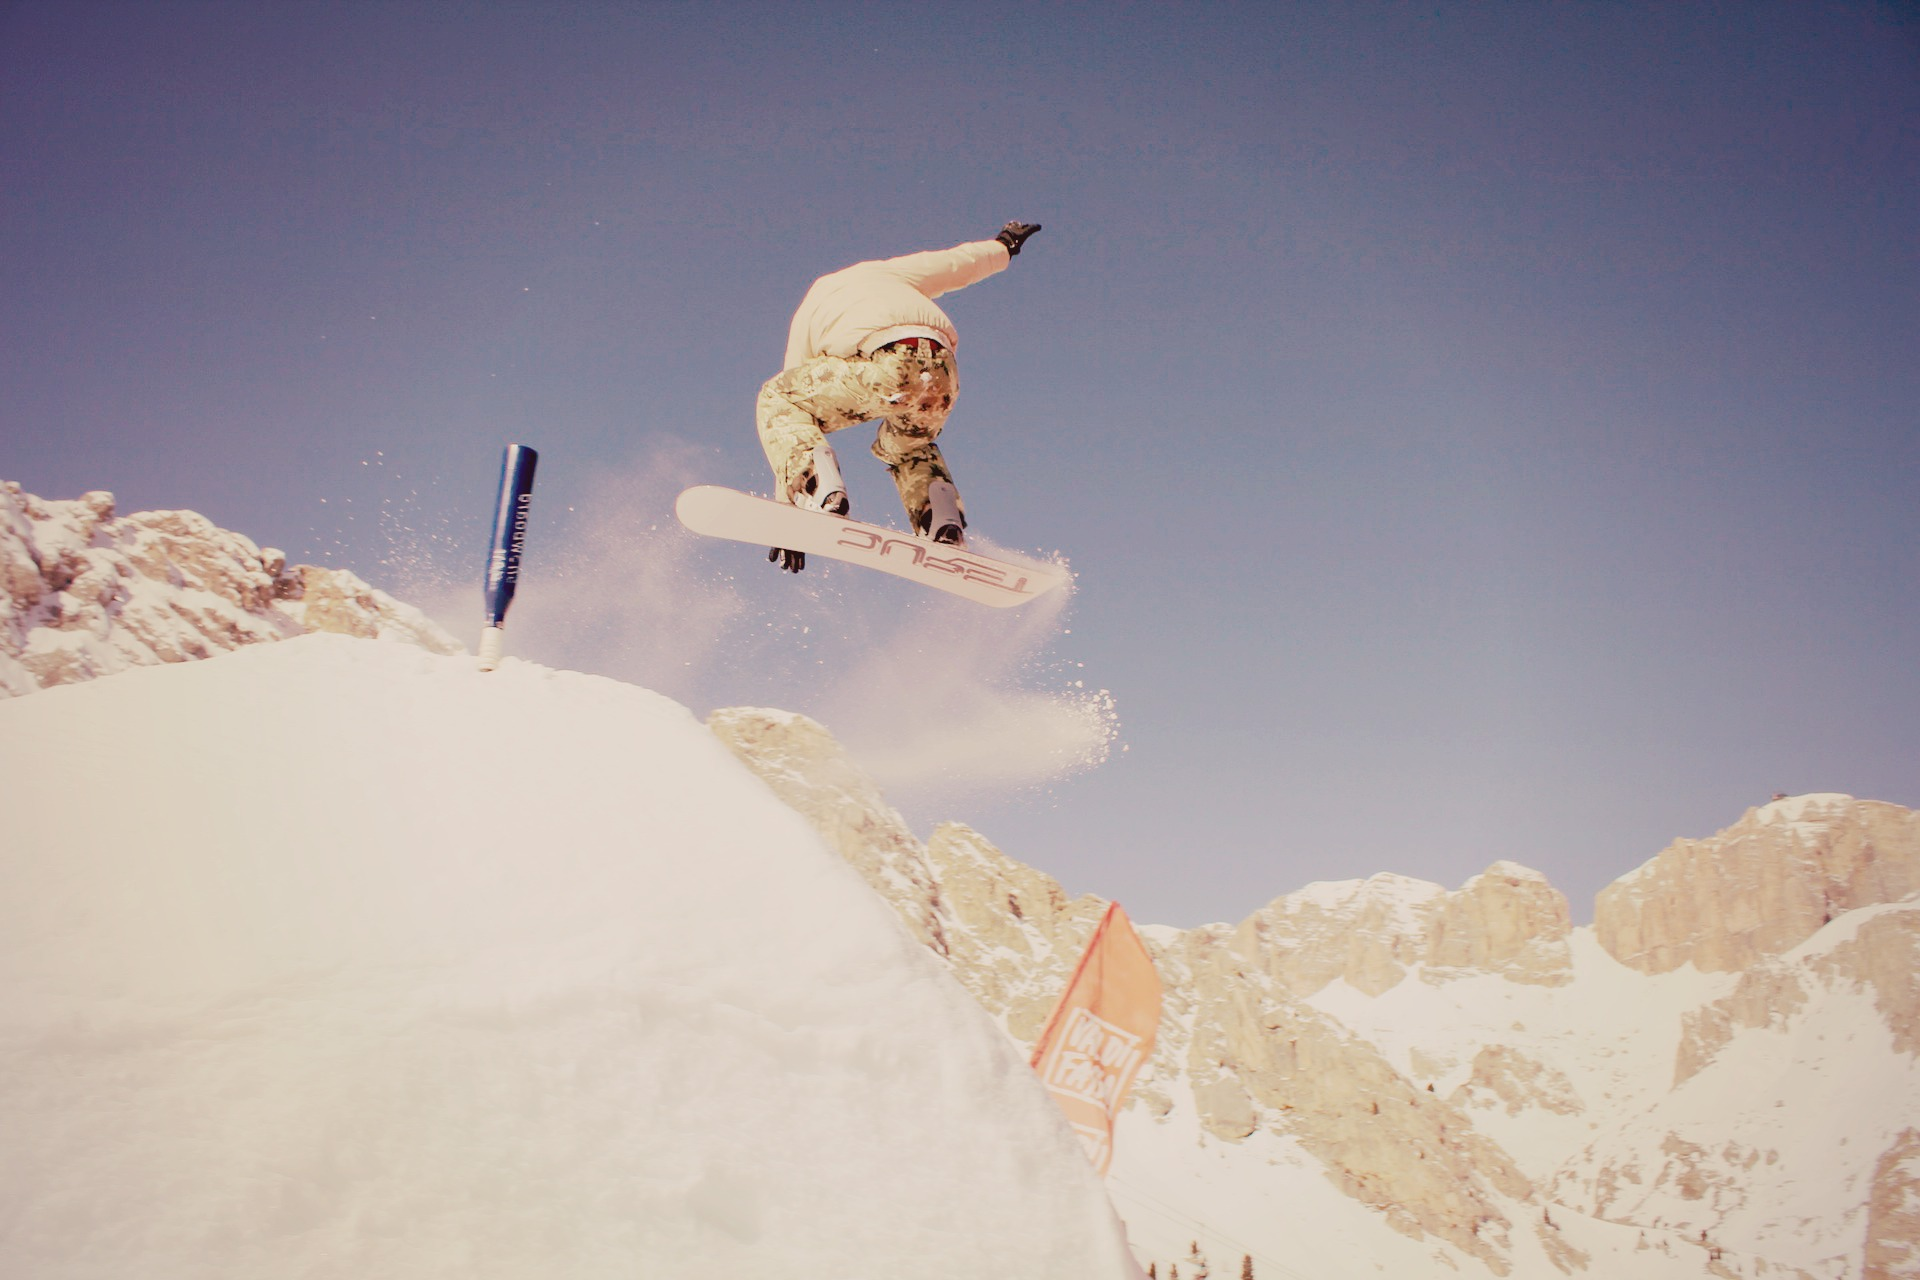 Choisir sa planche de snowboard dans les r gles de l 39 art for Quelle planche a decouper choisir